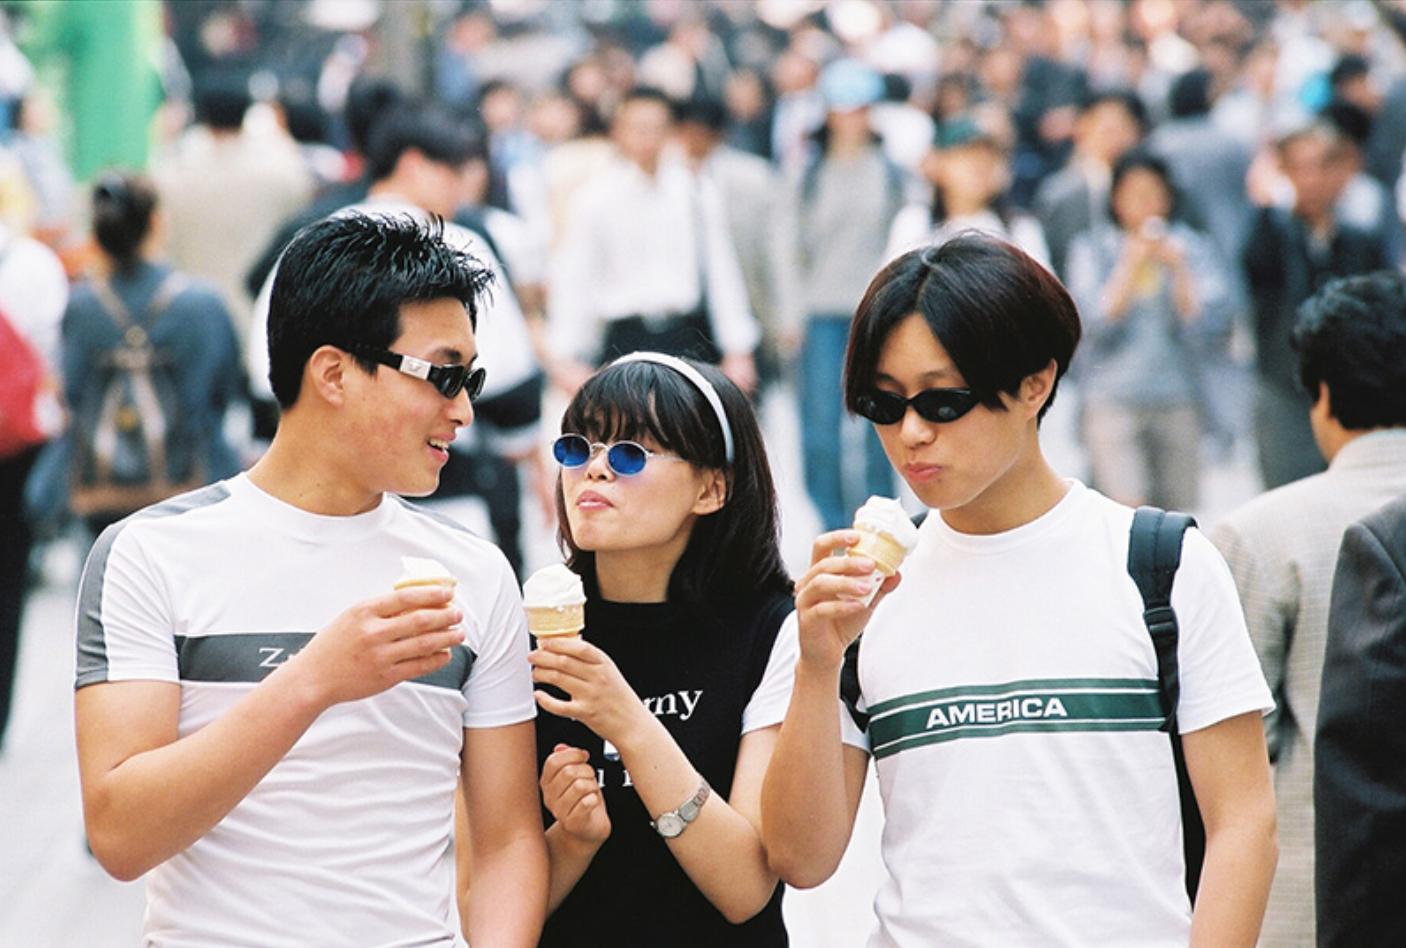 Xem ảnh street style thập niên 90 của Hàn Quốc mới ngớ ra: Thời đó quả là chất chơi! - Ảnh 15.